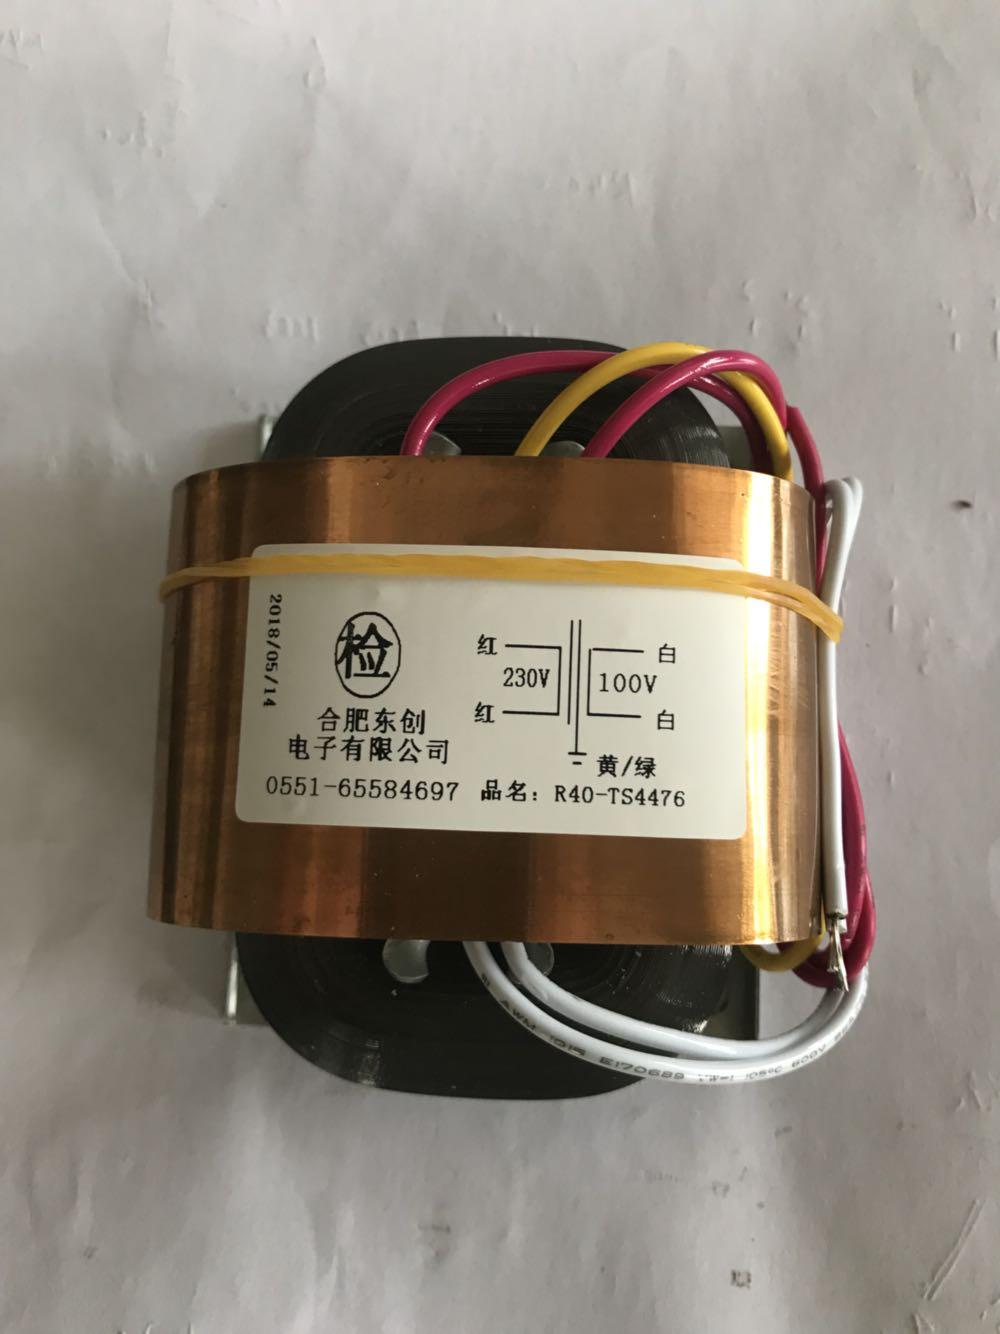 100V 0.5A R Core Transformer 50VA R40 custom transformer 230V copper shield output for Pre-decoder Power amplifier100V 0.5A R Core Transformer 50VA R40 custom transformer 230V copper shield output for Pre-decoder Power amplifier